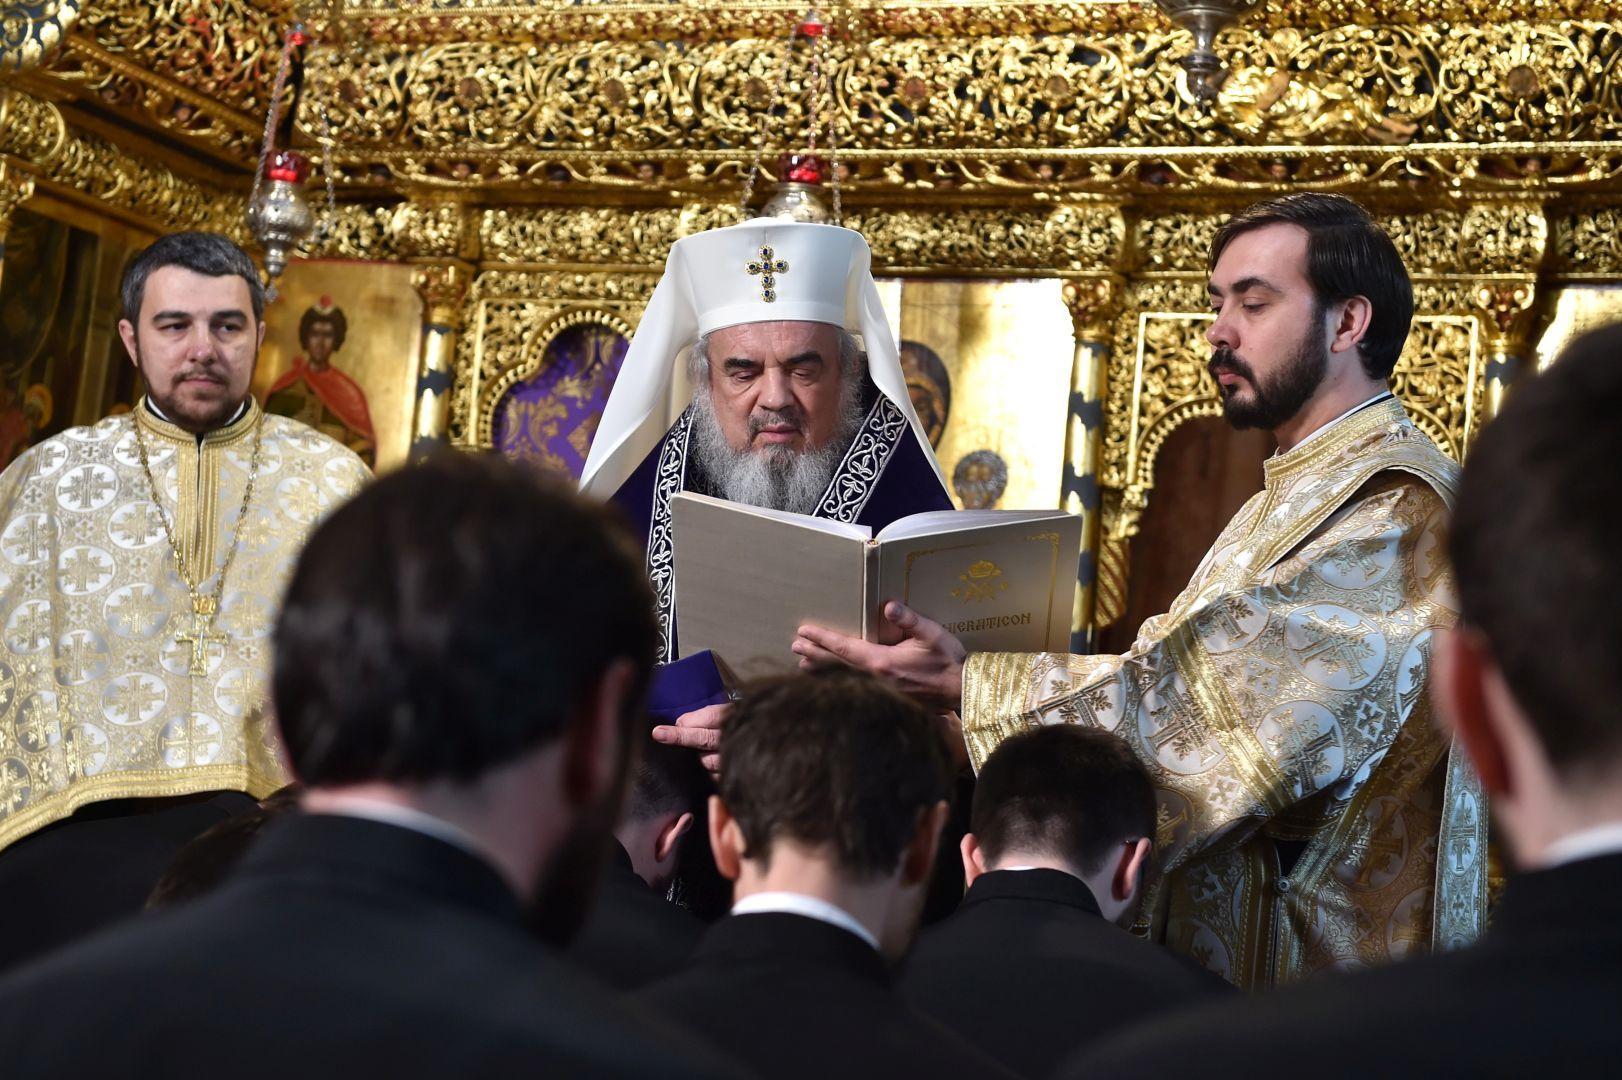 Patriarhul-Daniel-către-noiii-duhovnici-Spovedania-este-medicină-duhovnicească